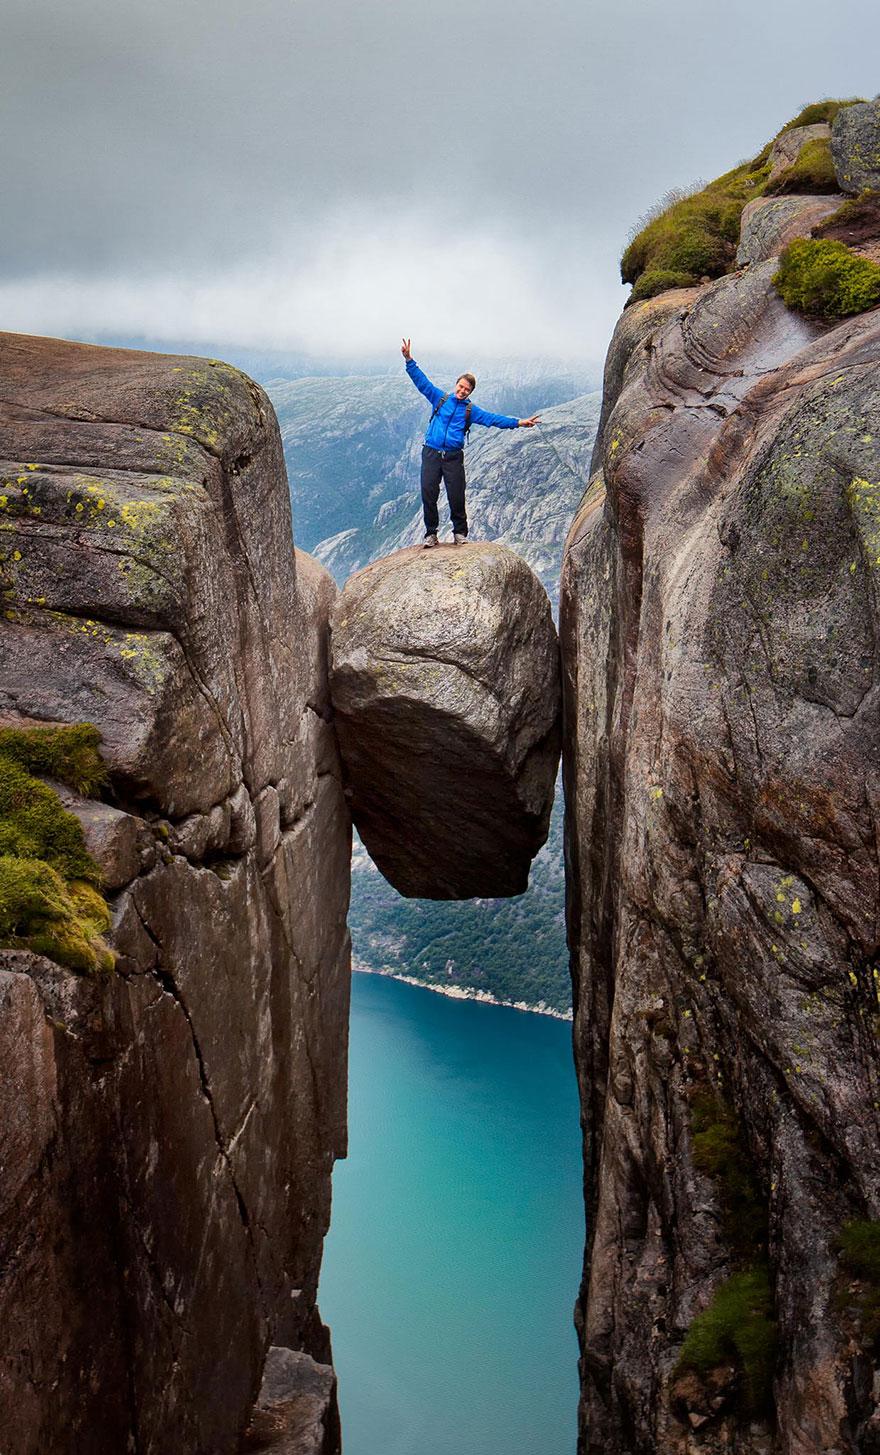 subido en una piedra al borde del abismo